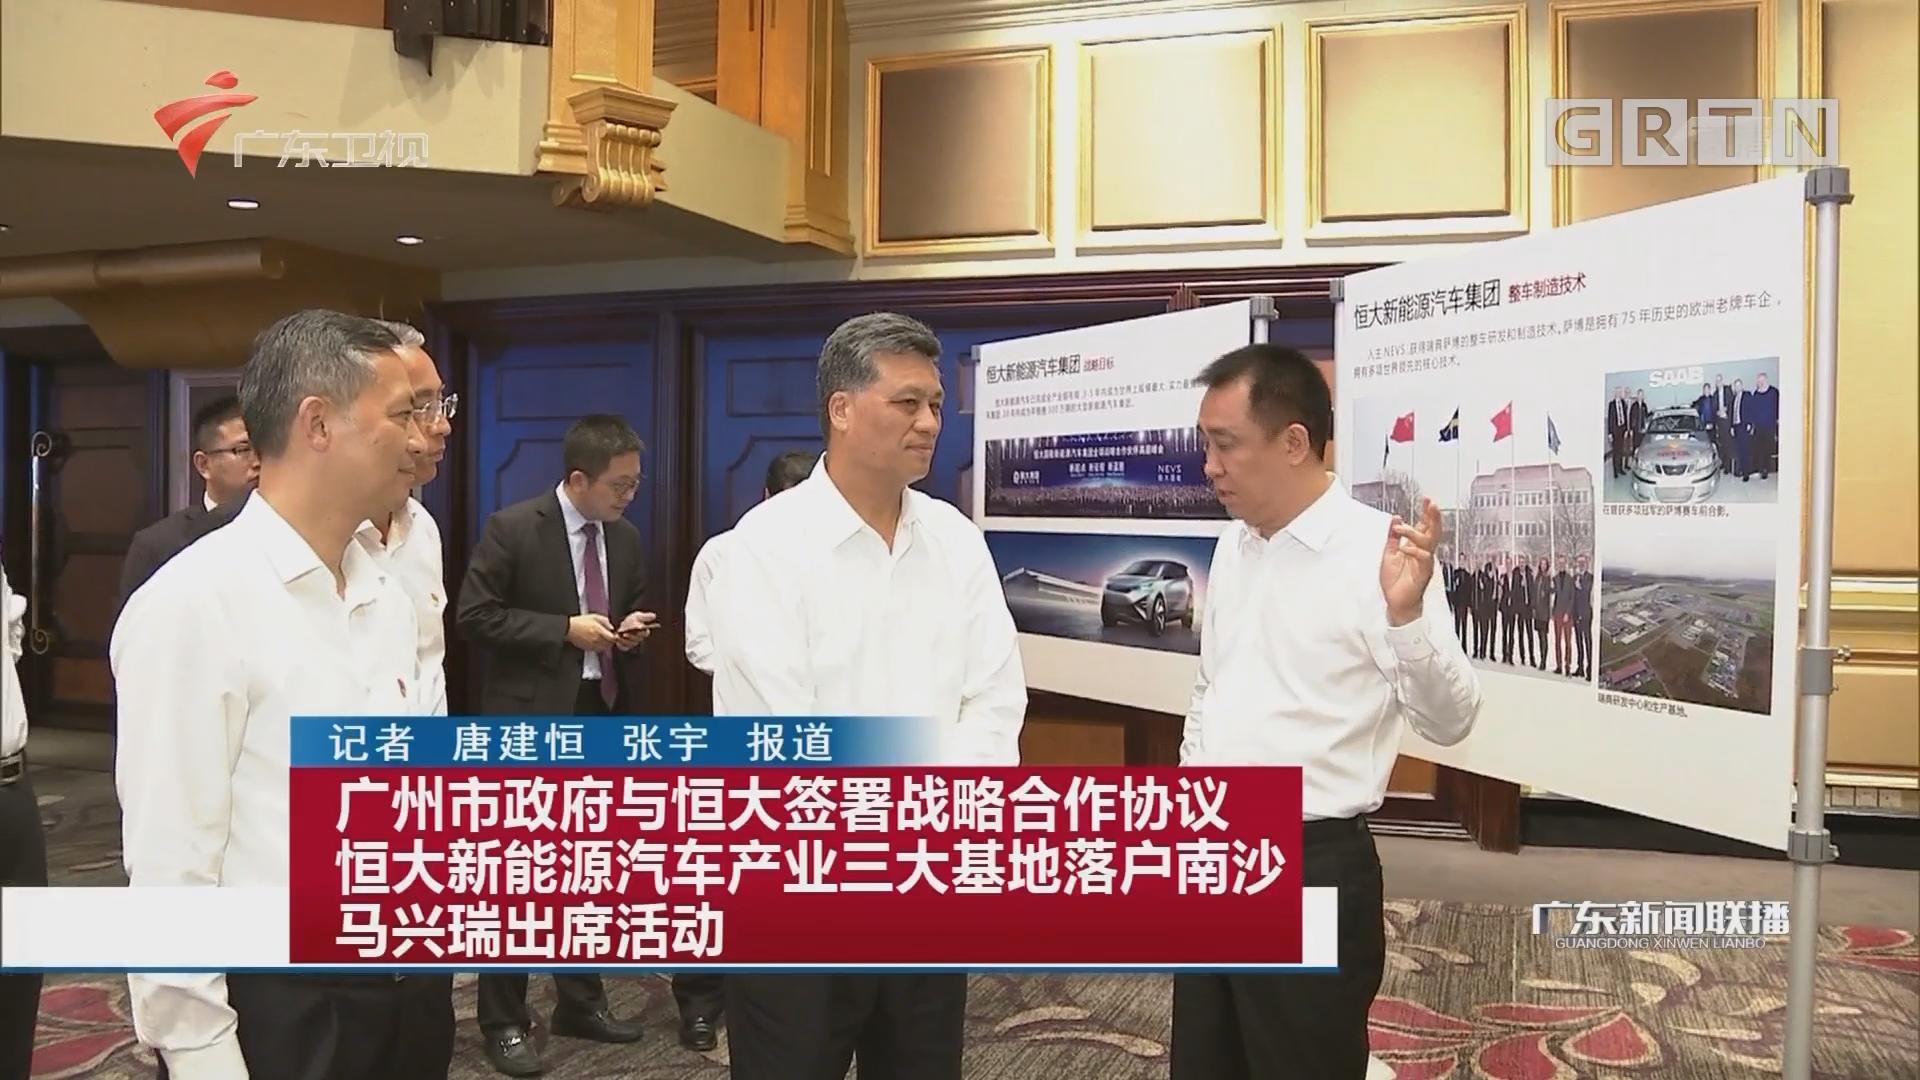 广州市政府与恒大签署战略合作协议 恒大新能源汽车产业三大基地落户南沙 马兴瑞出席活动